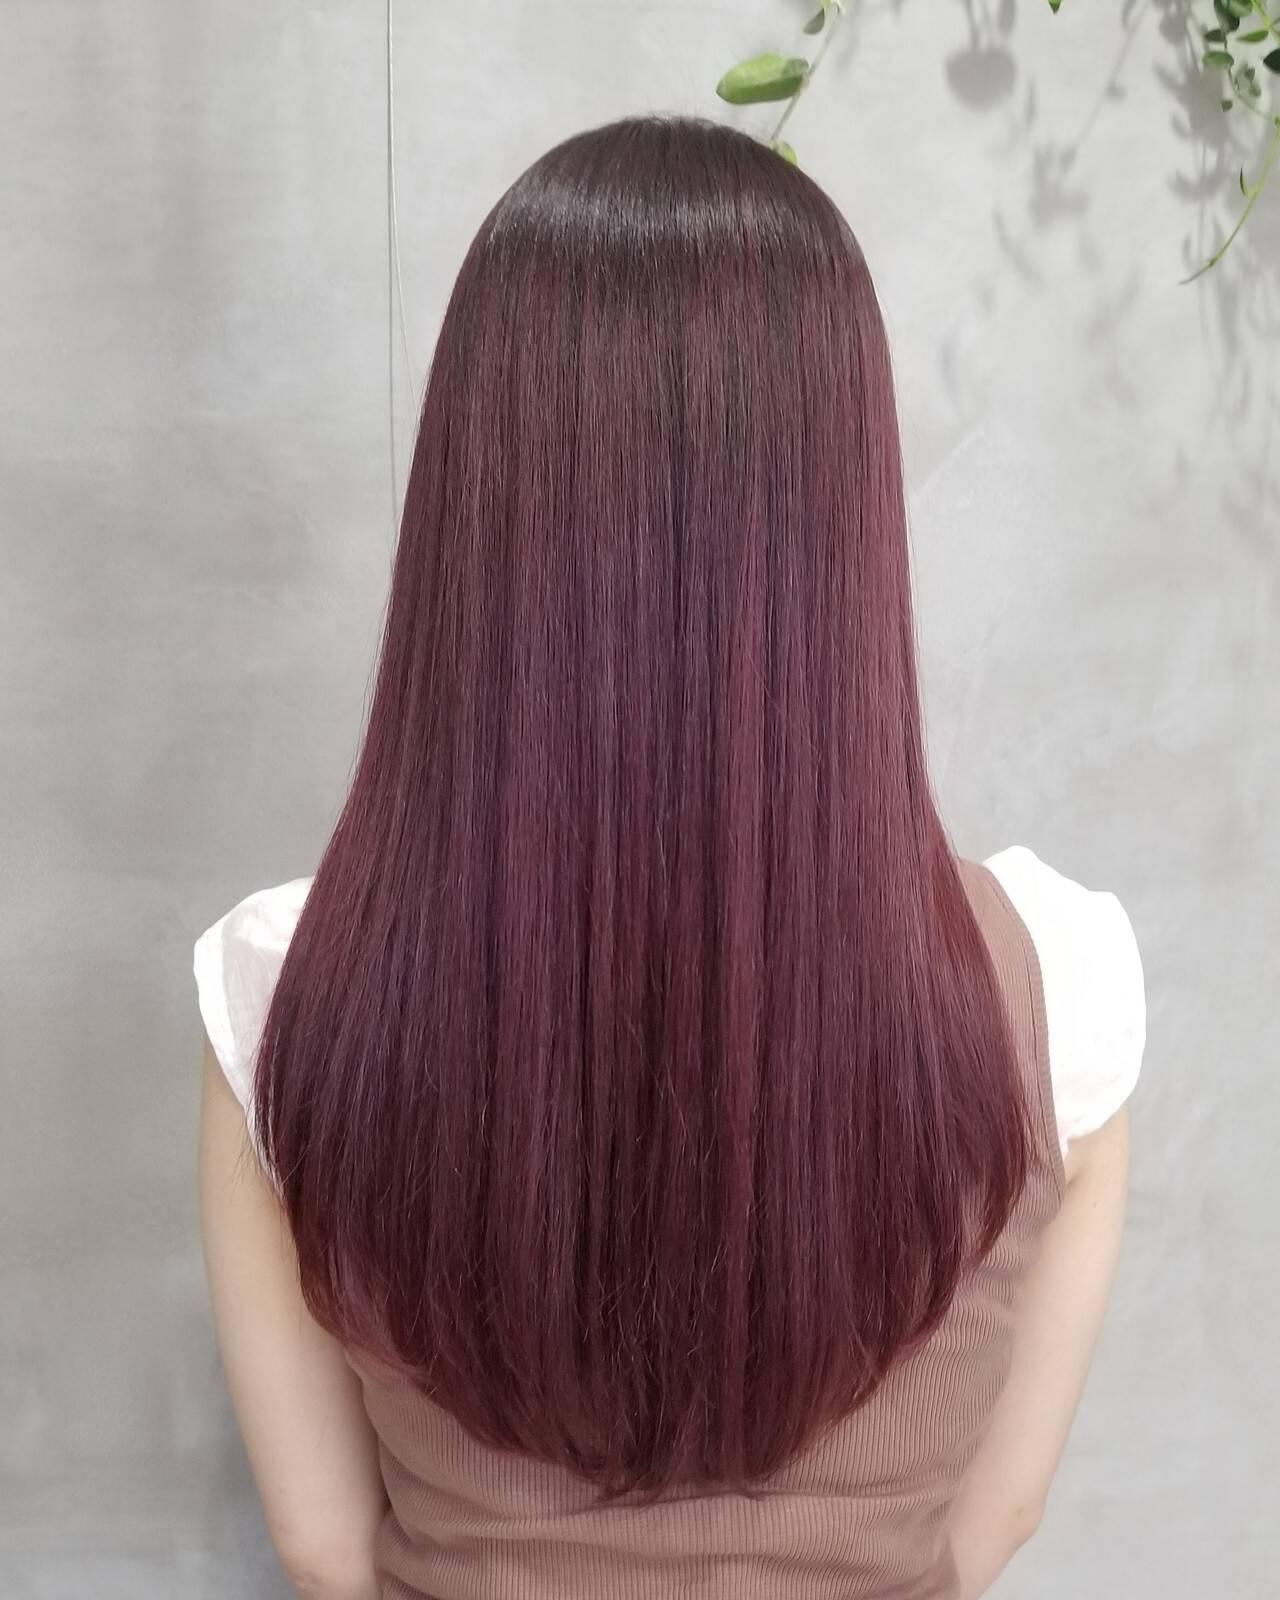 ラベンダーピンク ガーリー ロング グラデーションヘアスタイルや髪型の写真・画像